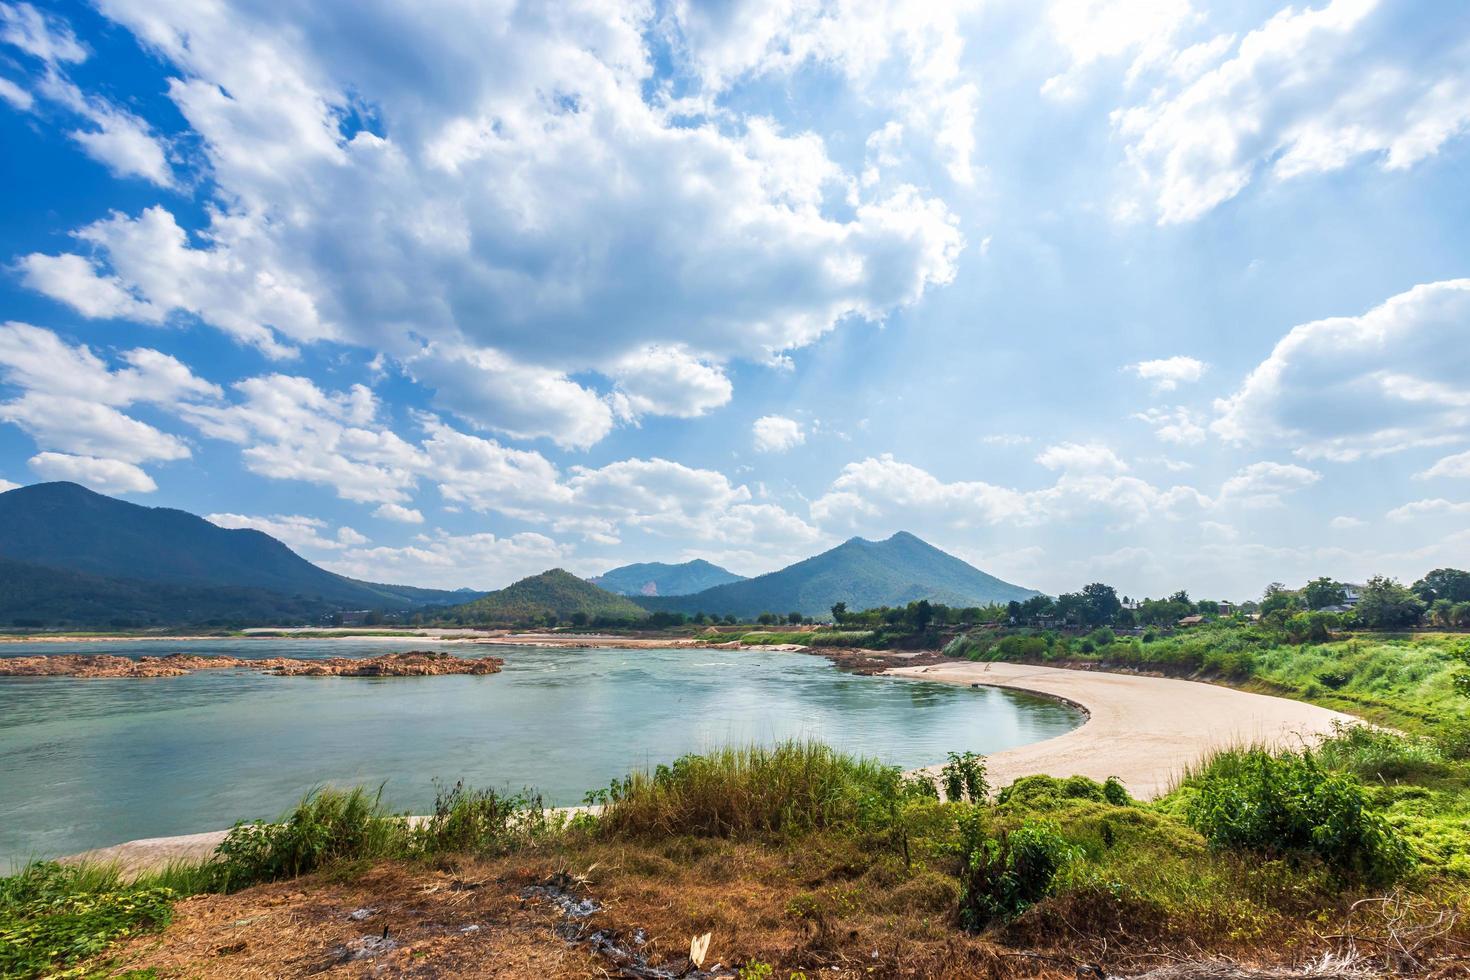 vista della riva del fiume del fiume mae khong, Tailandia foto